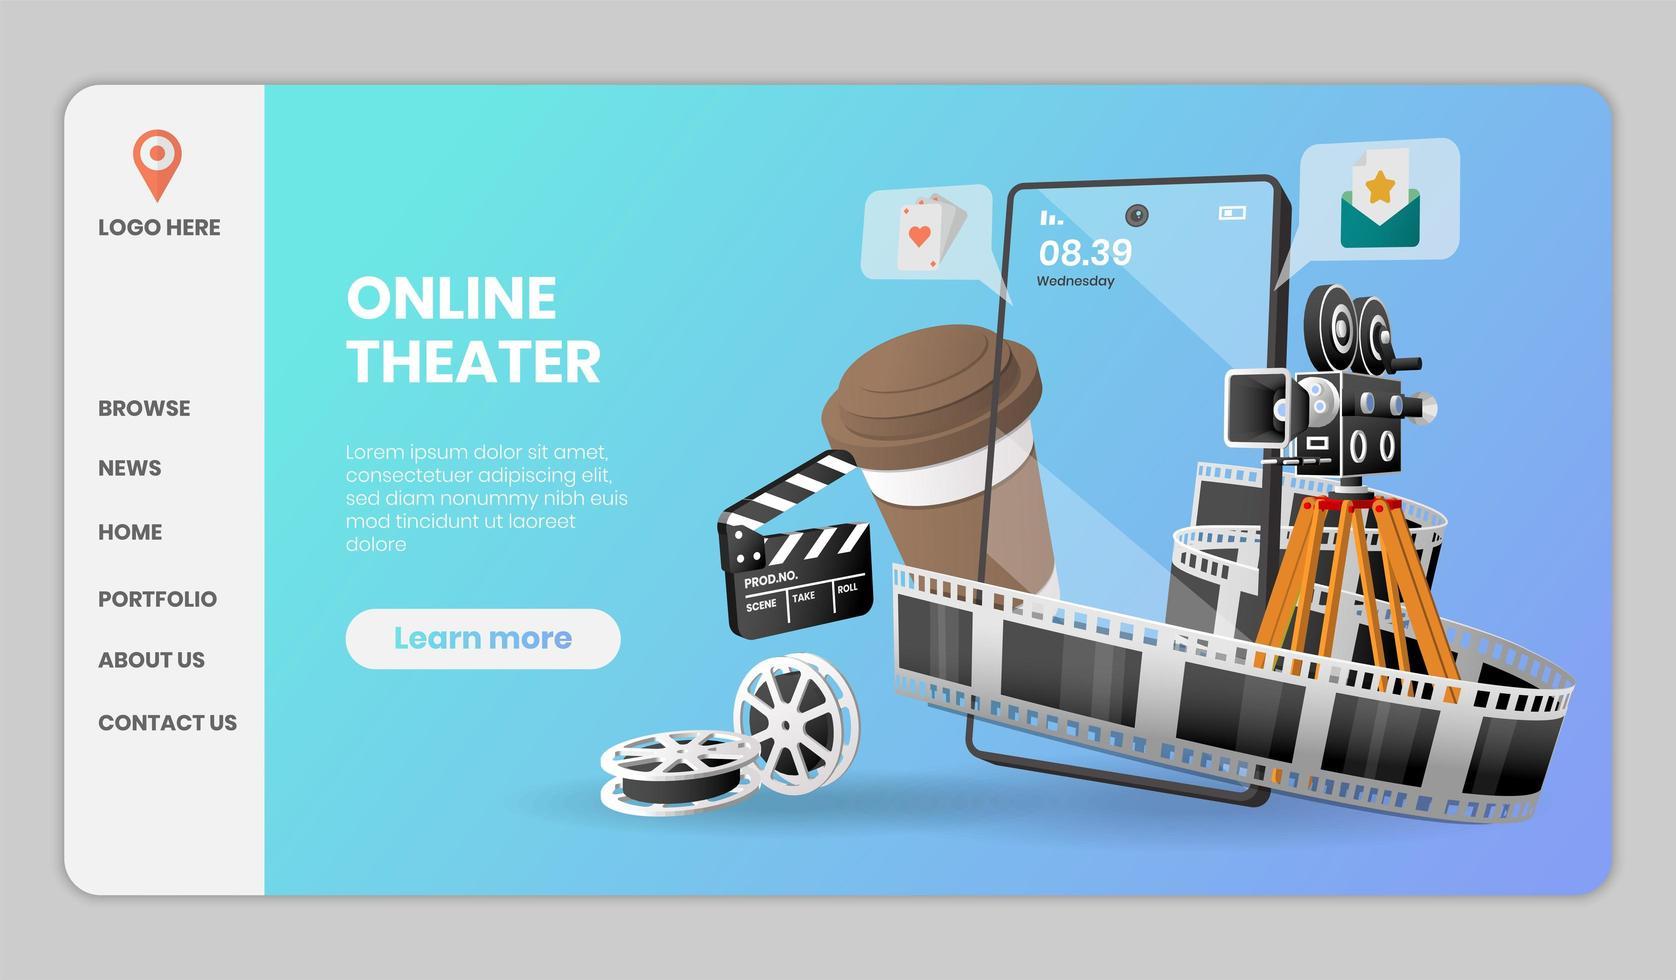 conception de modèle de site Web de théâtre en ligne vecteur